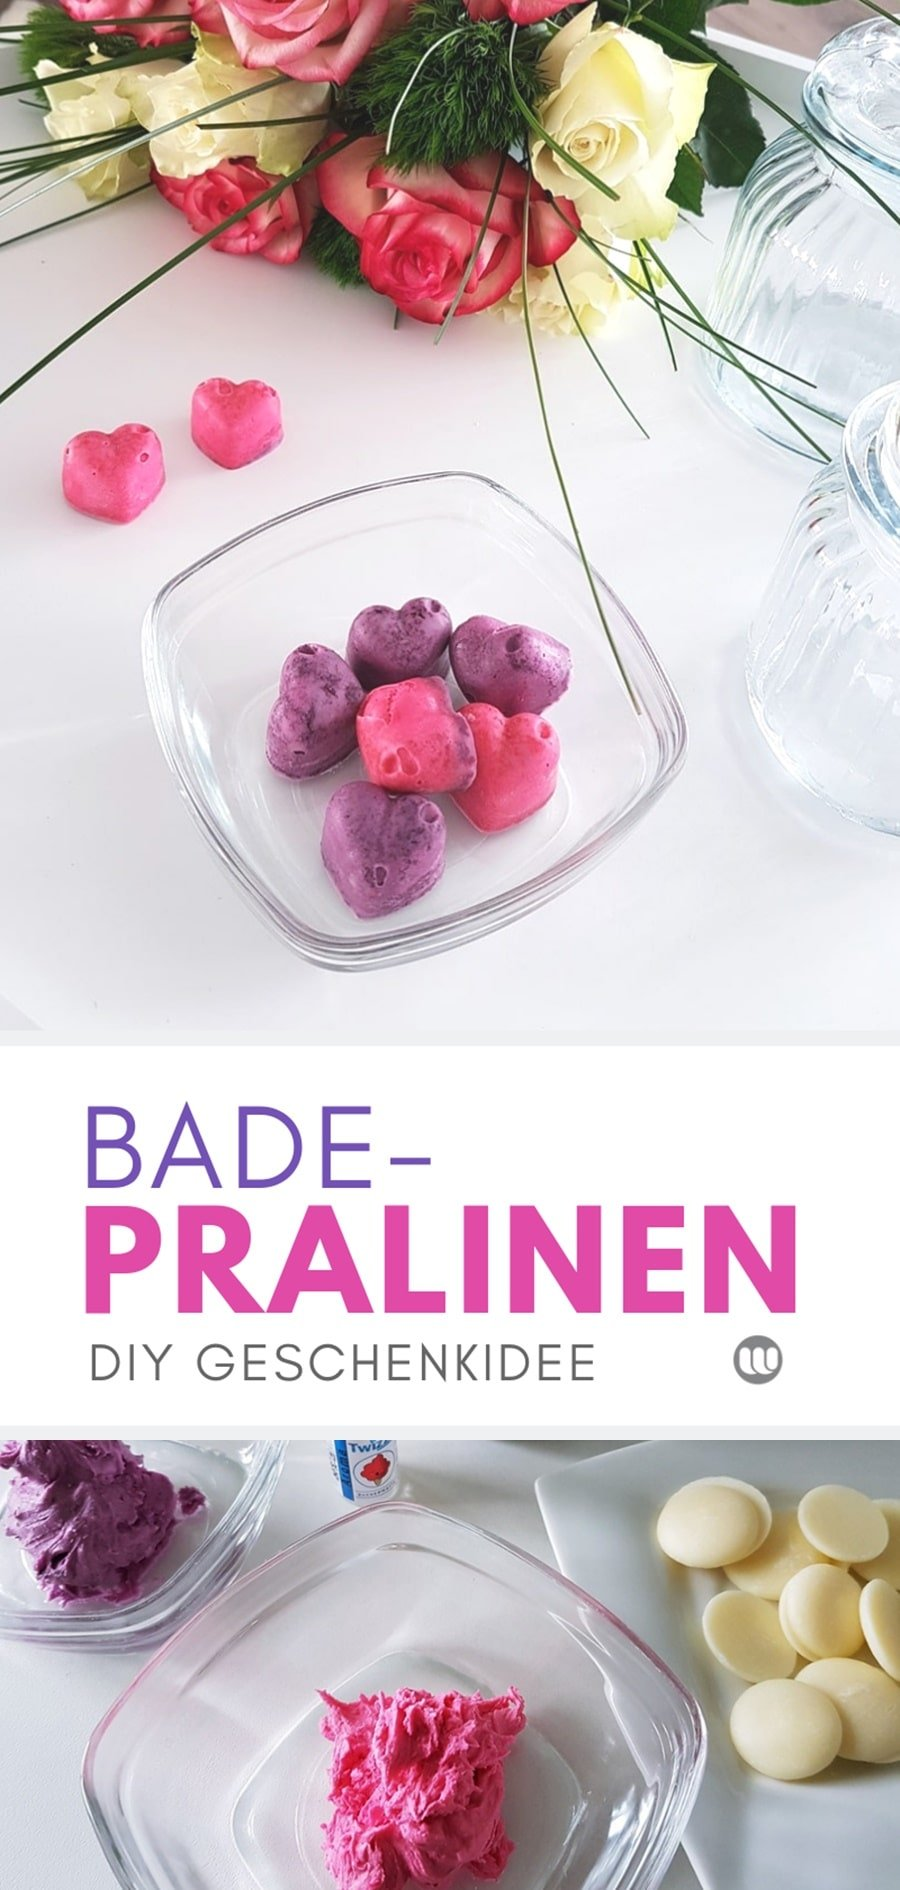 Badepralinen Rezept zum selber machen #DIY #Geschenkidee #Muttertag #Valentinstag #Kosmetik #Anleitung #selbermachen #selbstgemacht